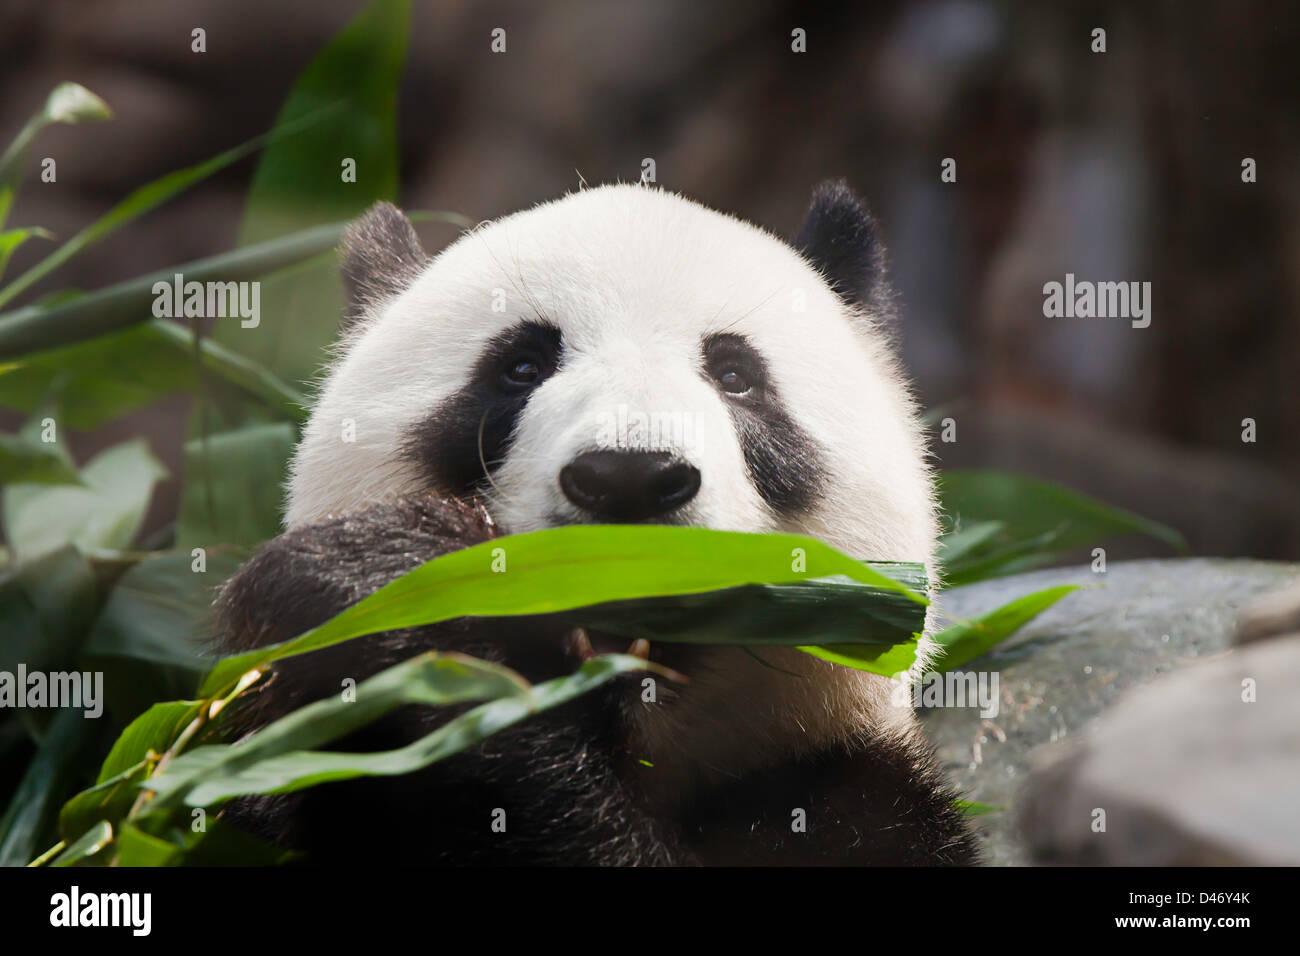 El panda gigante, Ailuropoda melanoleuca, es un oso nativo de centro-oeste y sur oeste de China. Imagen De Stock